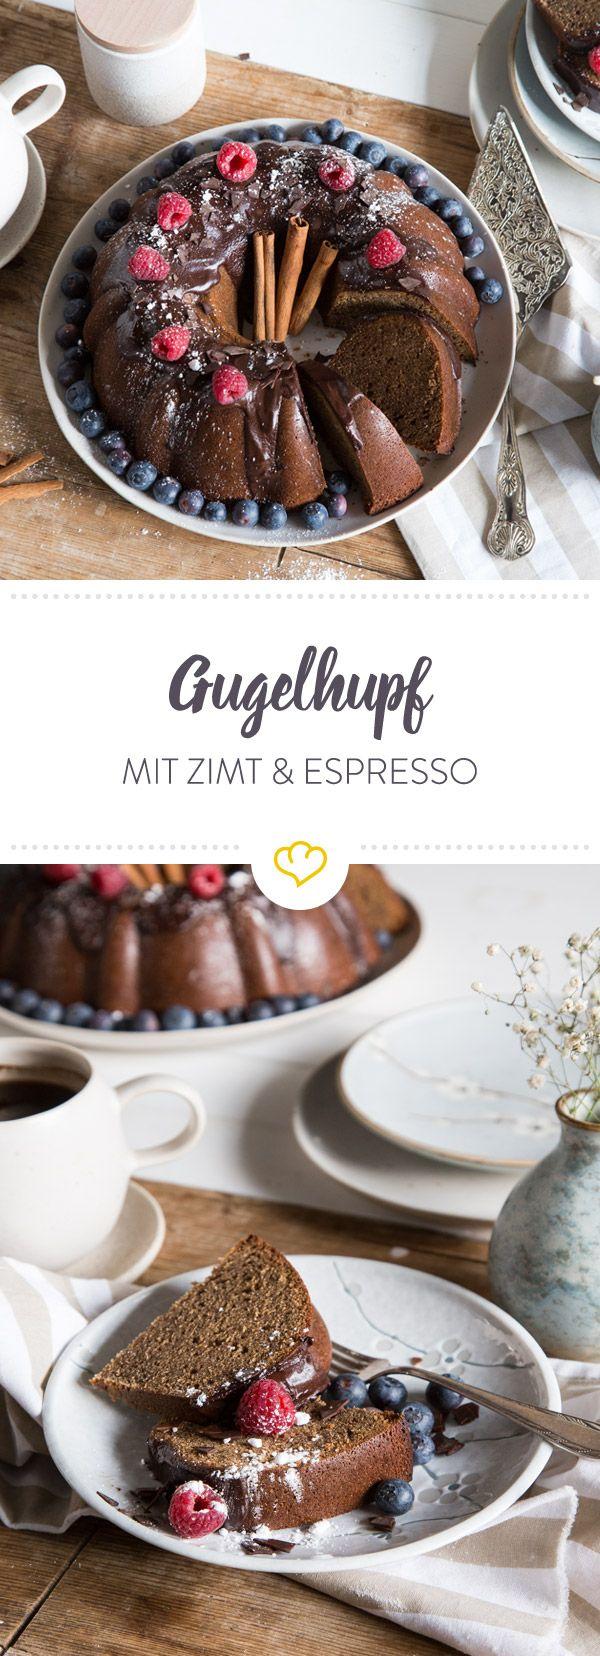 Ein Gugelhupf für extra Gemütlichkeit: Zimt und Espresso umschmeicheln deinen Gaumen und deine Seele und die Wohnung duftet himmlisch.